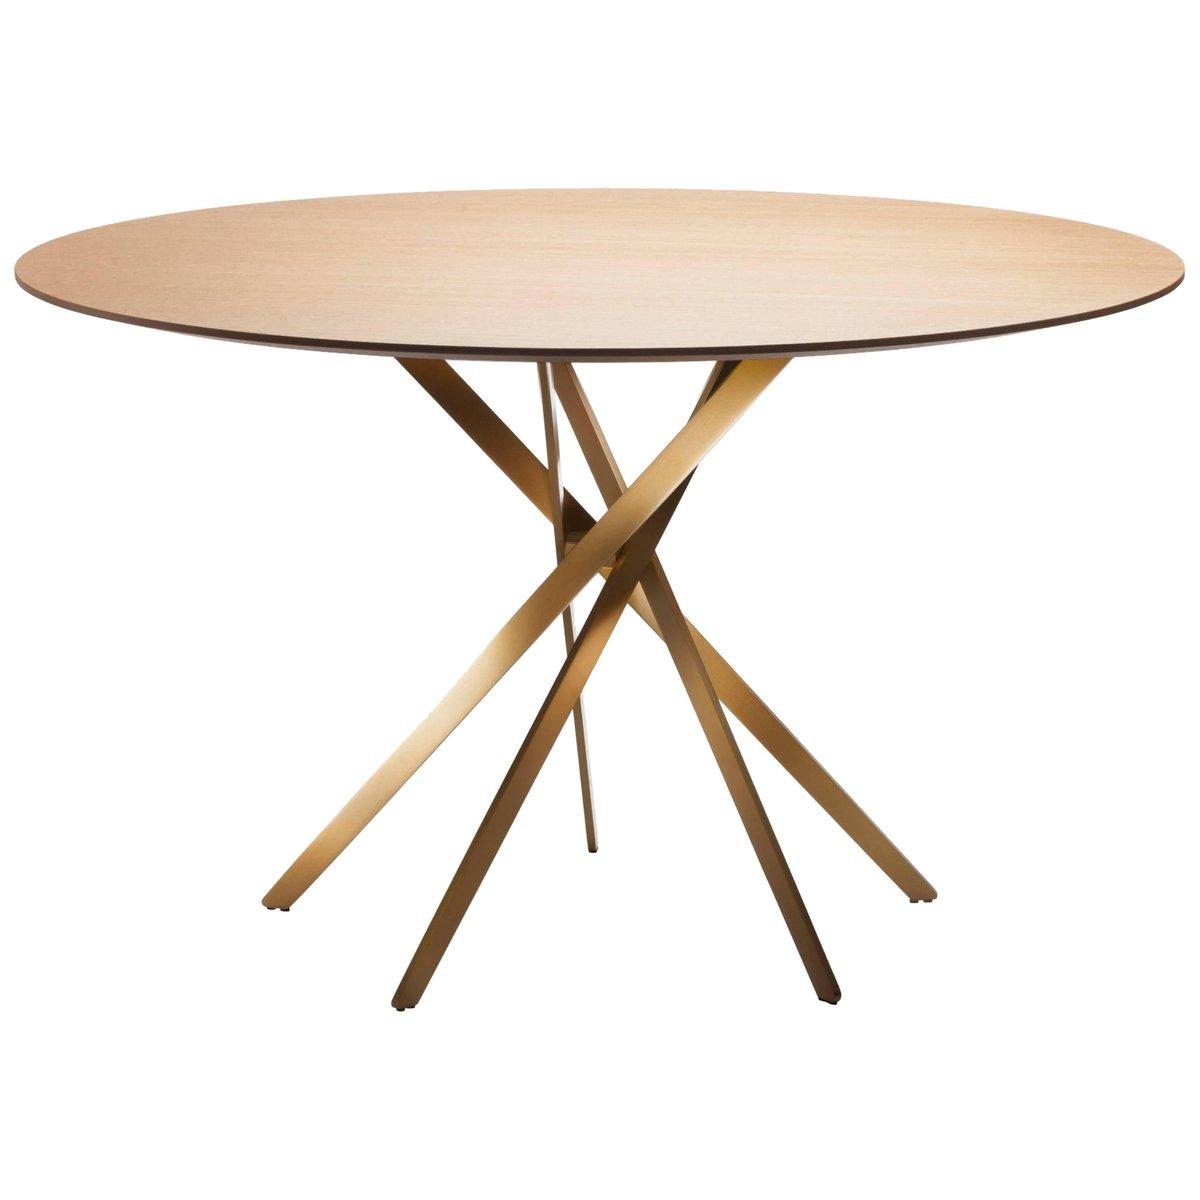 IKI Tisch mit golden-lackiertem Fuß & Furnierplatte aus Eiche von Marc...